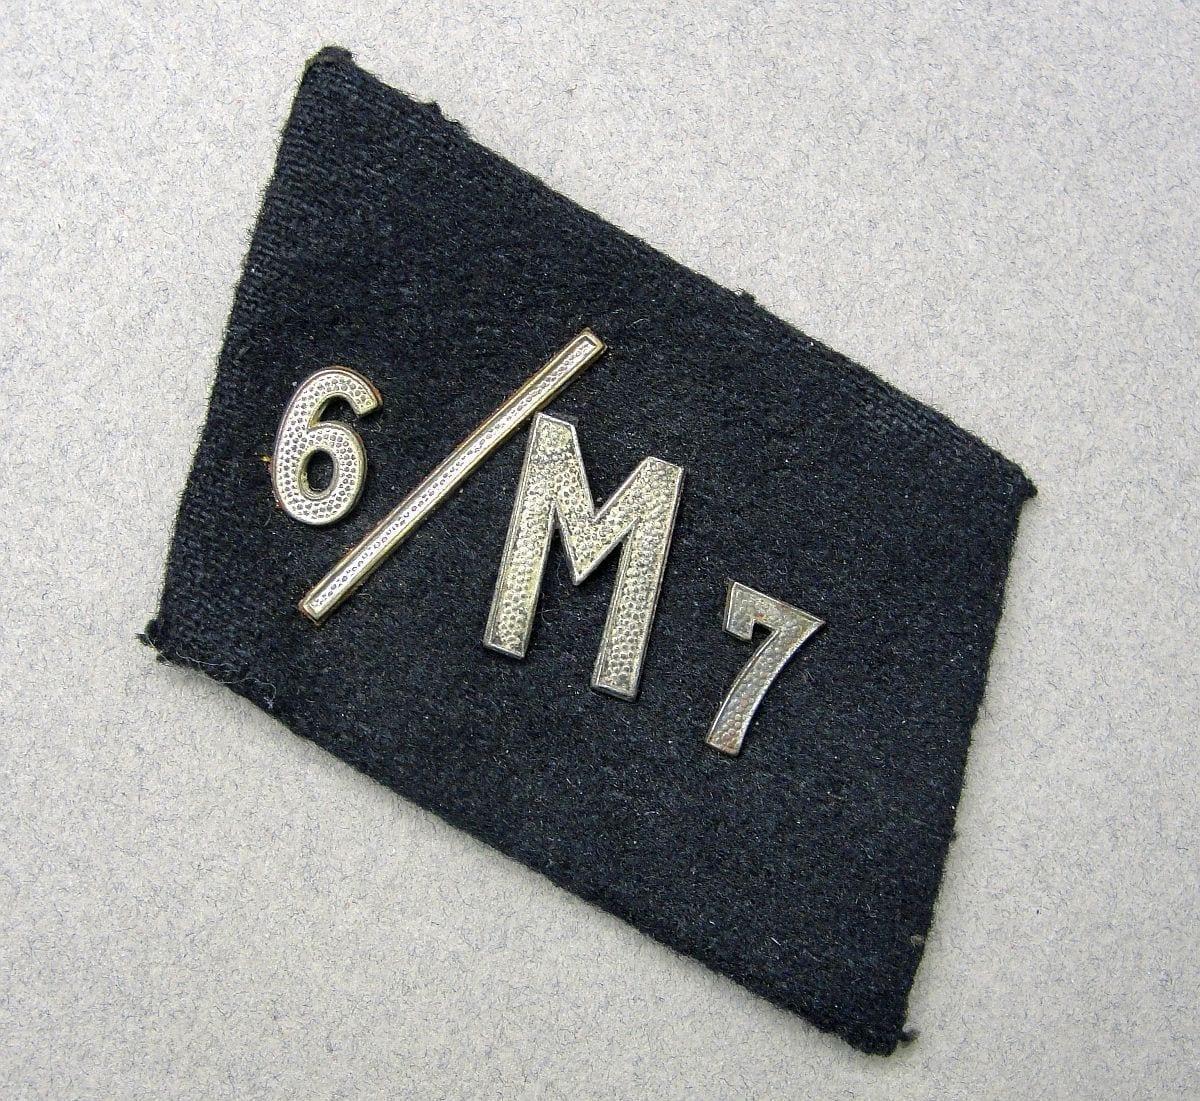 NSKK Collar Tab